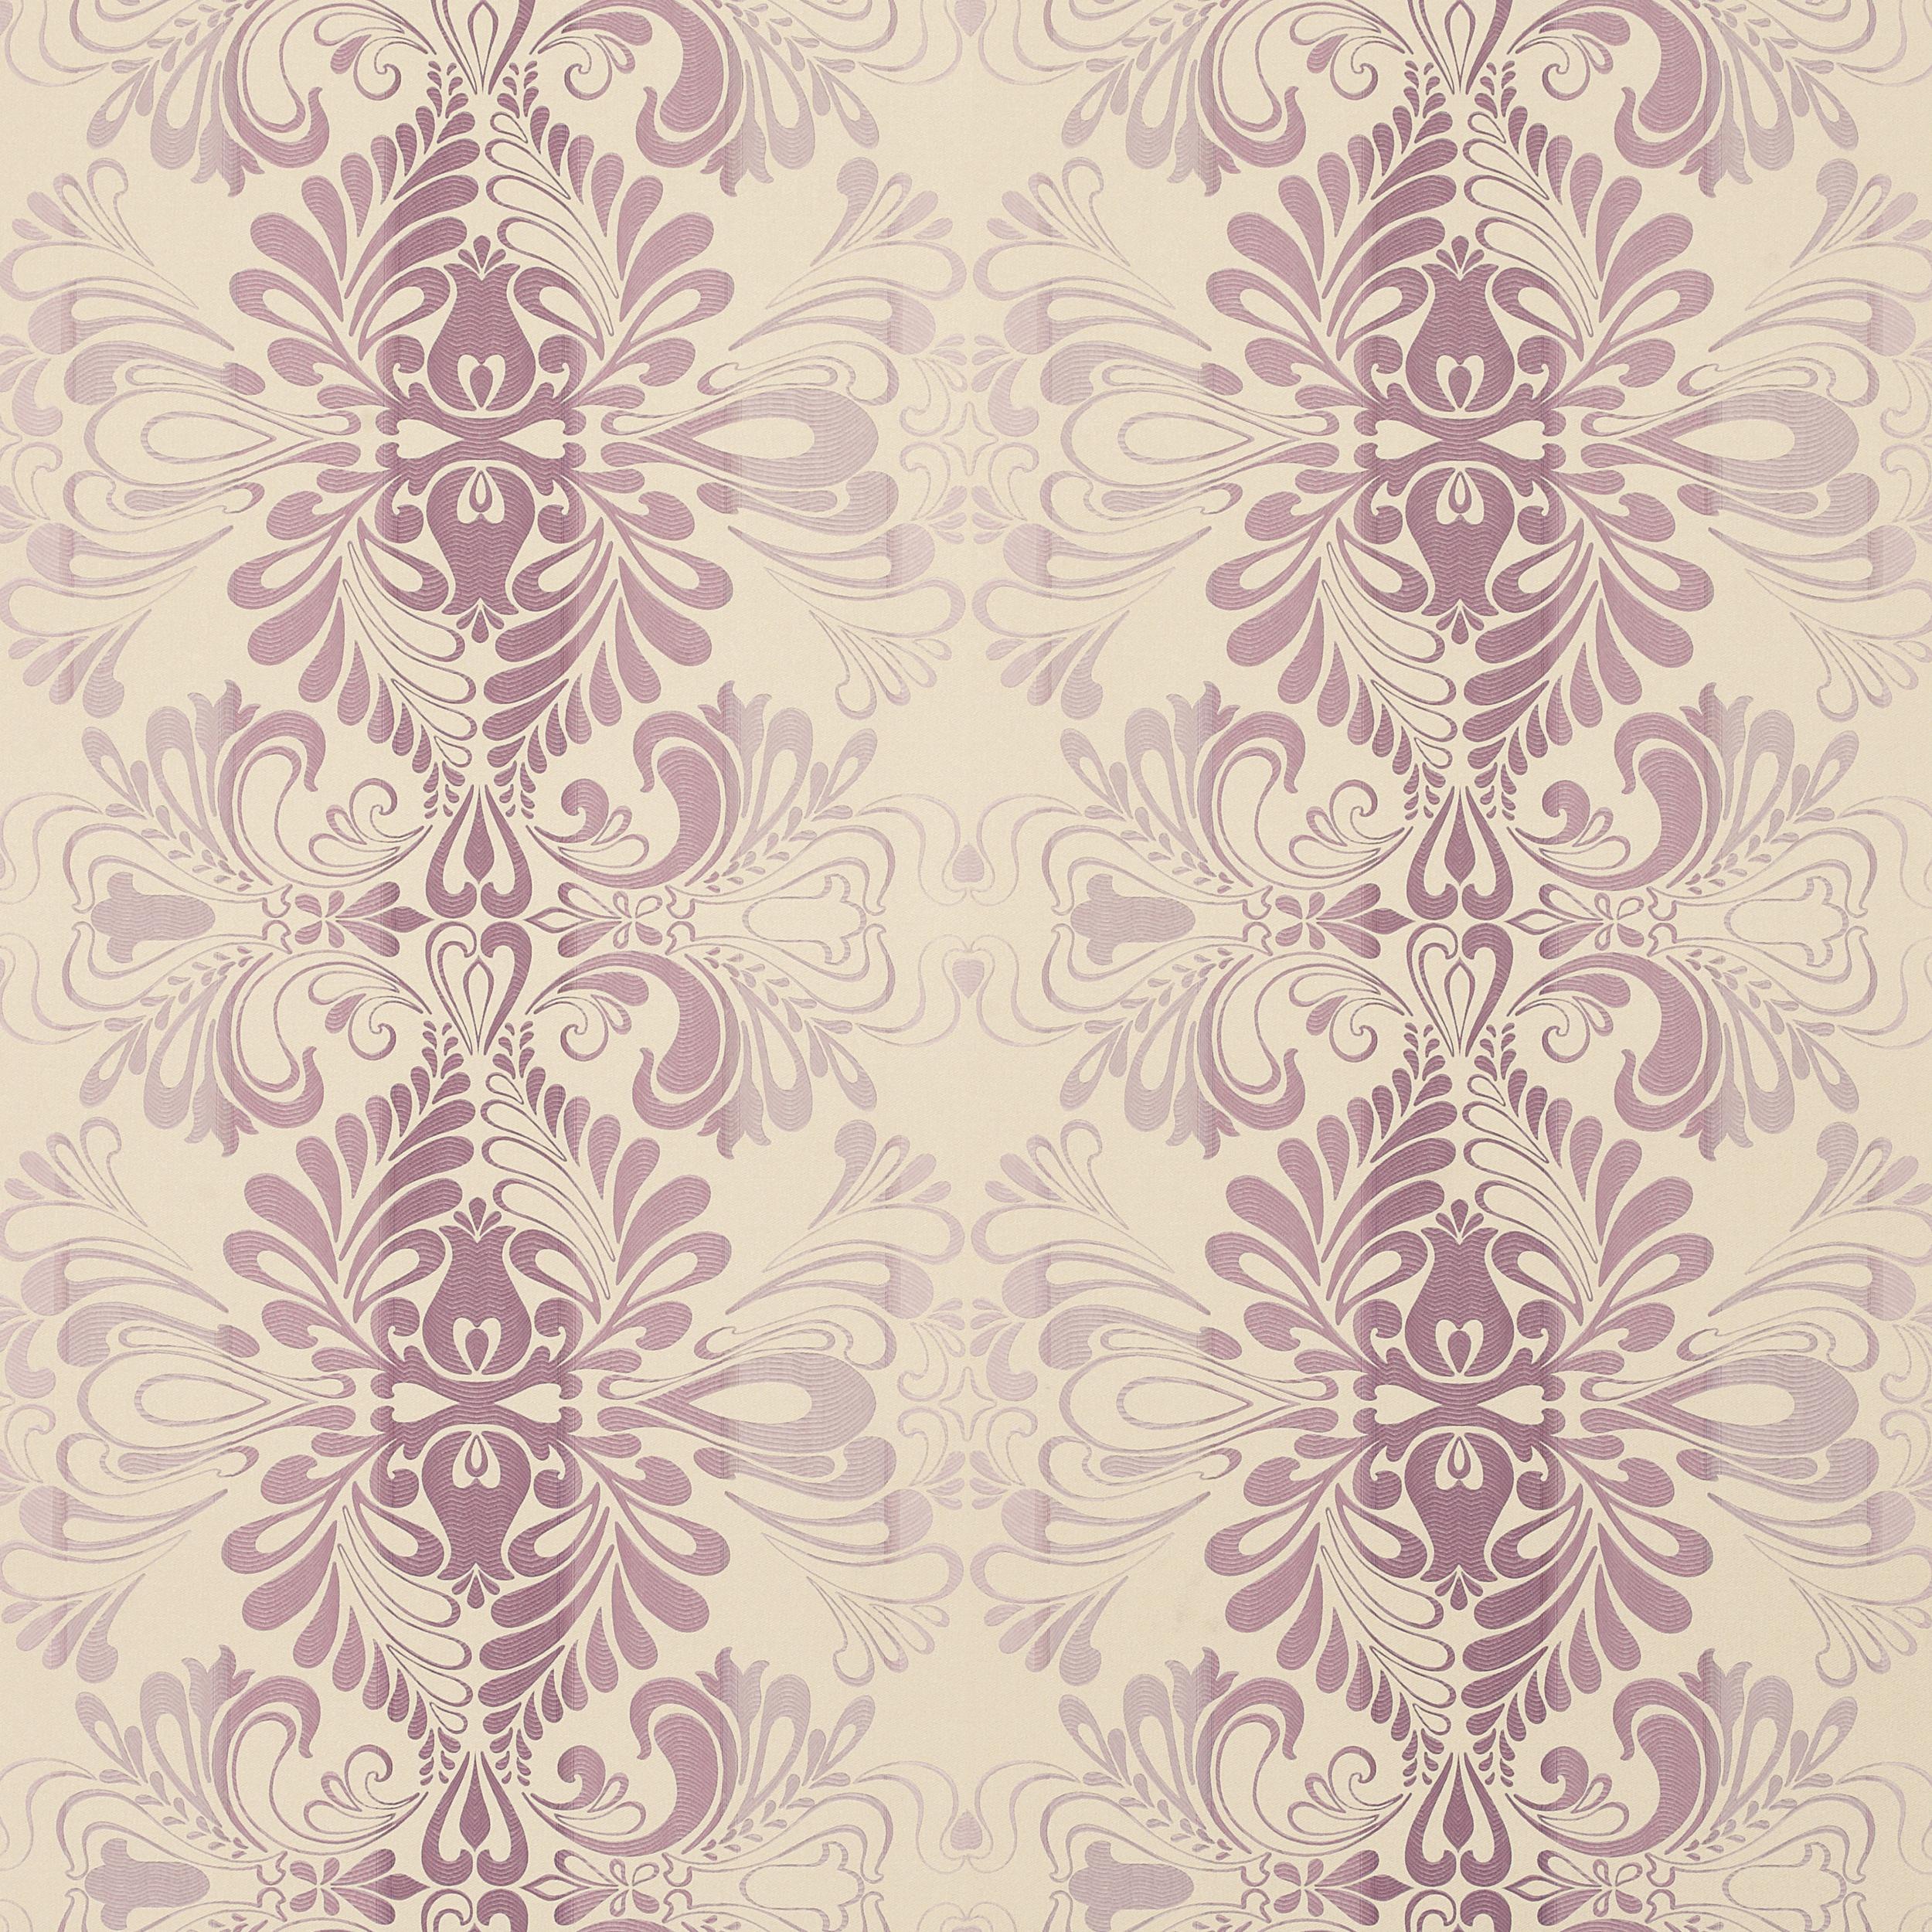 Damask Wallpaper Cheap 2500x2500